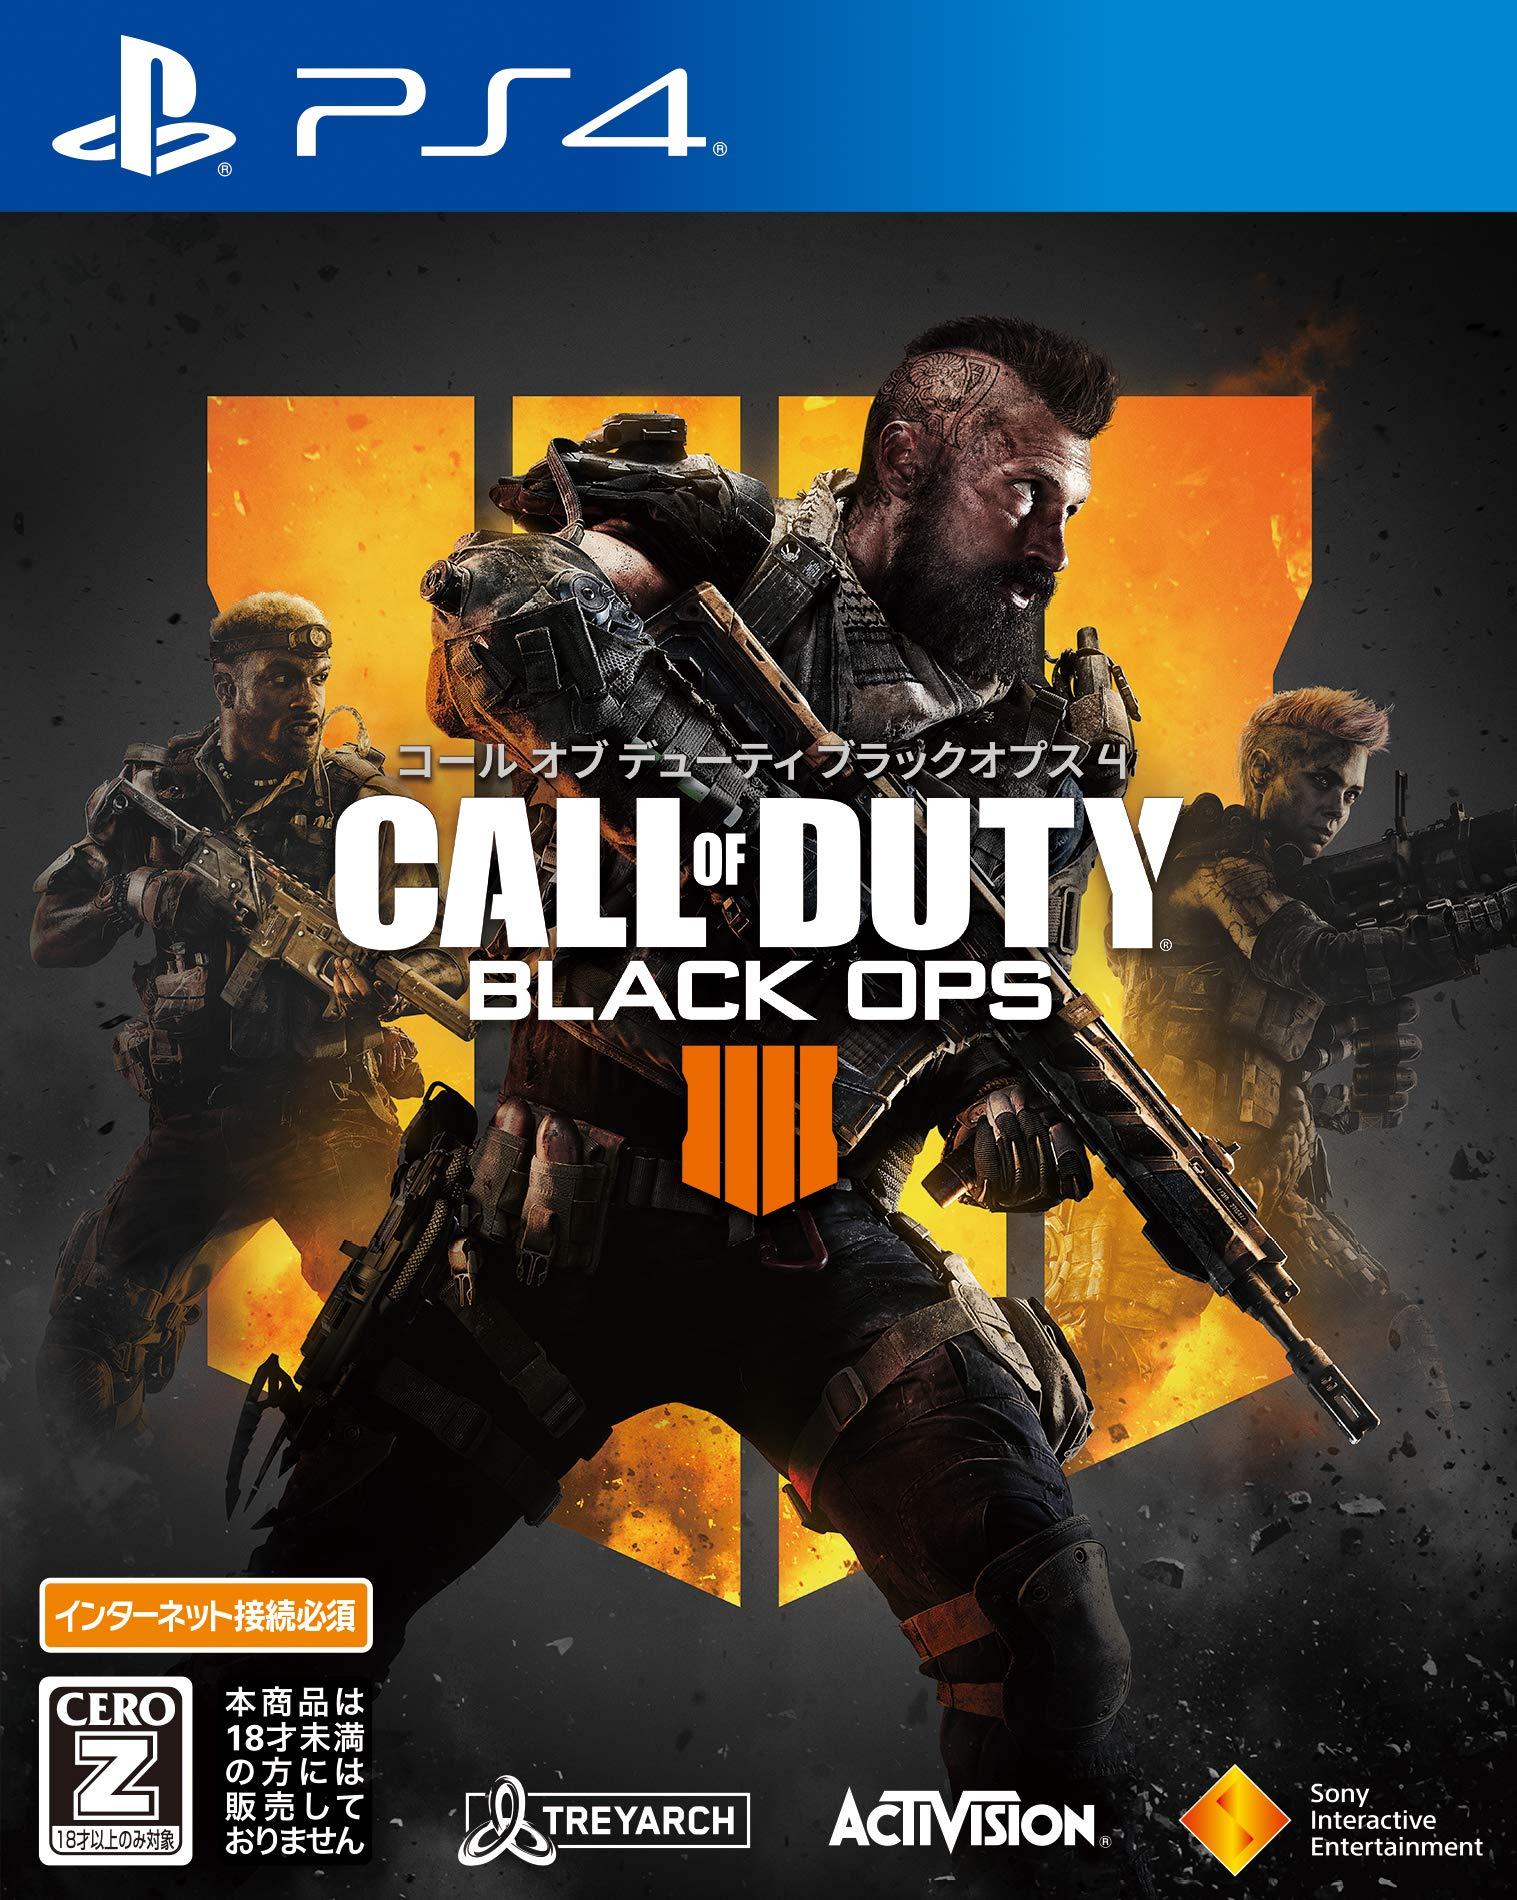 【PS4】コール オブ デューティ ブラックオプス 4【早期購入特典】「1,100 Call of Duty ポイント」がダウンロード可能なコードチラシ (封入)【CEROレーティング「Z」】